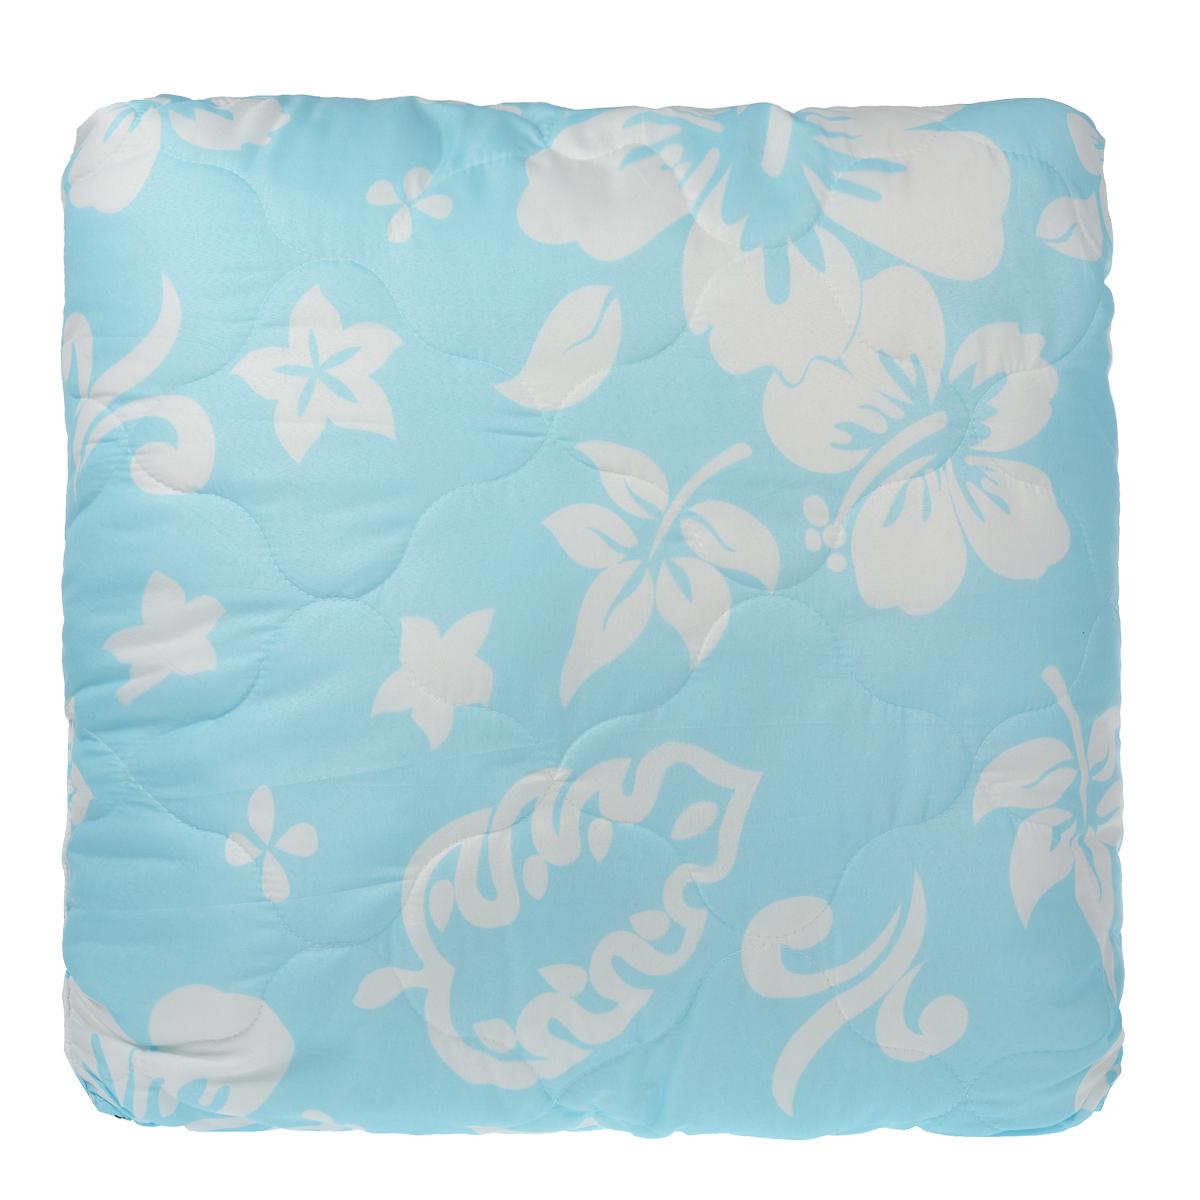 Подушка Dargez Бомбей, наполнитель: бамбуковое волокно, цвет: голубой, 68 см х 68 см03(23)141ЕПодушка Dargez Бомбей подарит комфорт и уют во время сна. Чехол подушки, выполненный из микрофибры, оформлен фигурной стежкой, которая надежно удерживает наполнитель внутри. Волокно на основе бамбука - инновационный наполнитель, обладающий за счет своей пористой структуры хорошей воздухонепроницаемостью и высокой гигроскопичностью, обеспечивает оптимальный уровень влажности во время сна и создает чувство прохлады в жаркие дни. Антибактериальный эффект наполнителя достигается за счет содержания в нем специального компонента, а также за счет поглощения влаги, что создает сухой микроклимат, препятствующий росту бактерий. Основные свойства волокна: - хорошая терморегуляция, - свободная циркуляция воздуха, - антибактериальные свойства, - повышенная гигроскопичность, - мягкость и легкость, - удобство в эксплуатации и легкость стирки. Рекомендации по уходу: - Стирка при температуре не более 40°С. ...